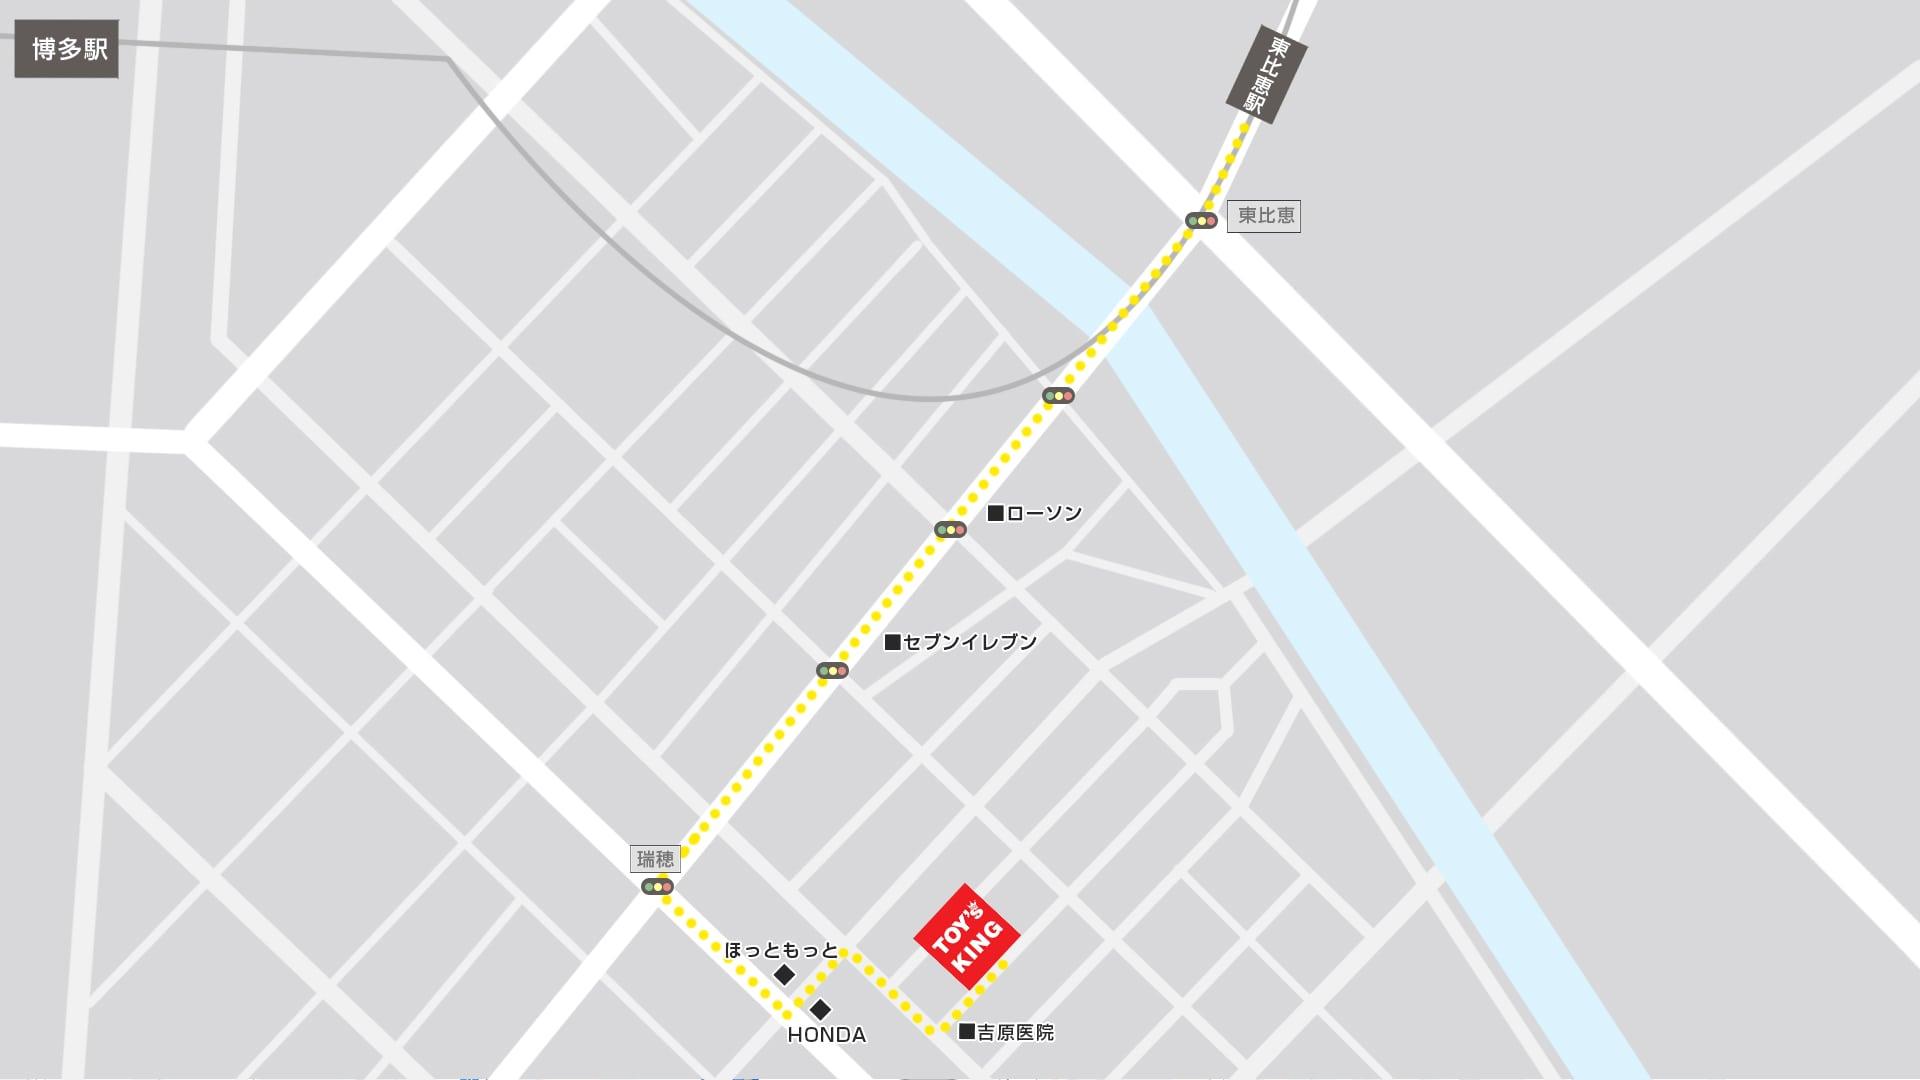 トイズキング九州買取センターMAP